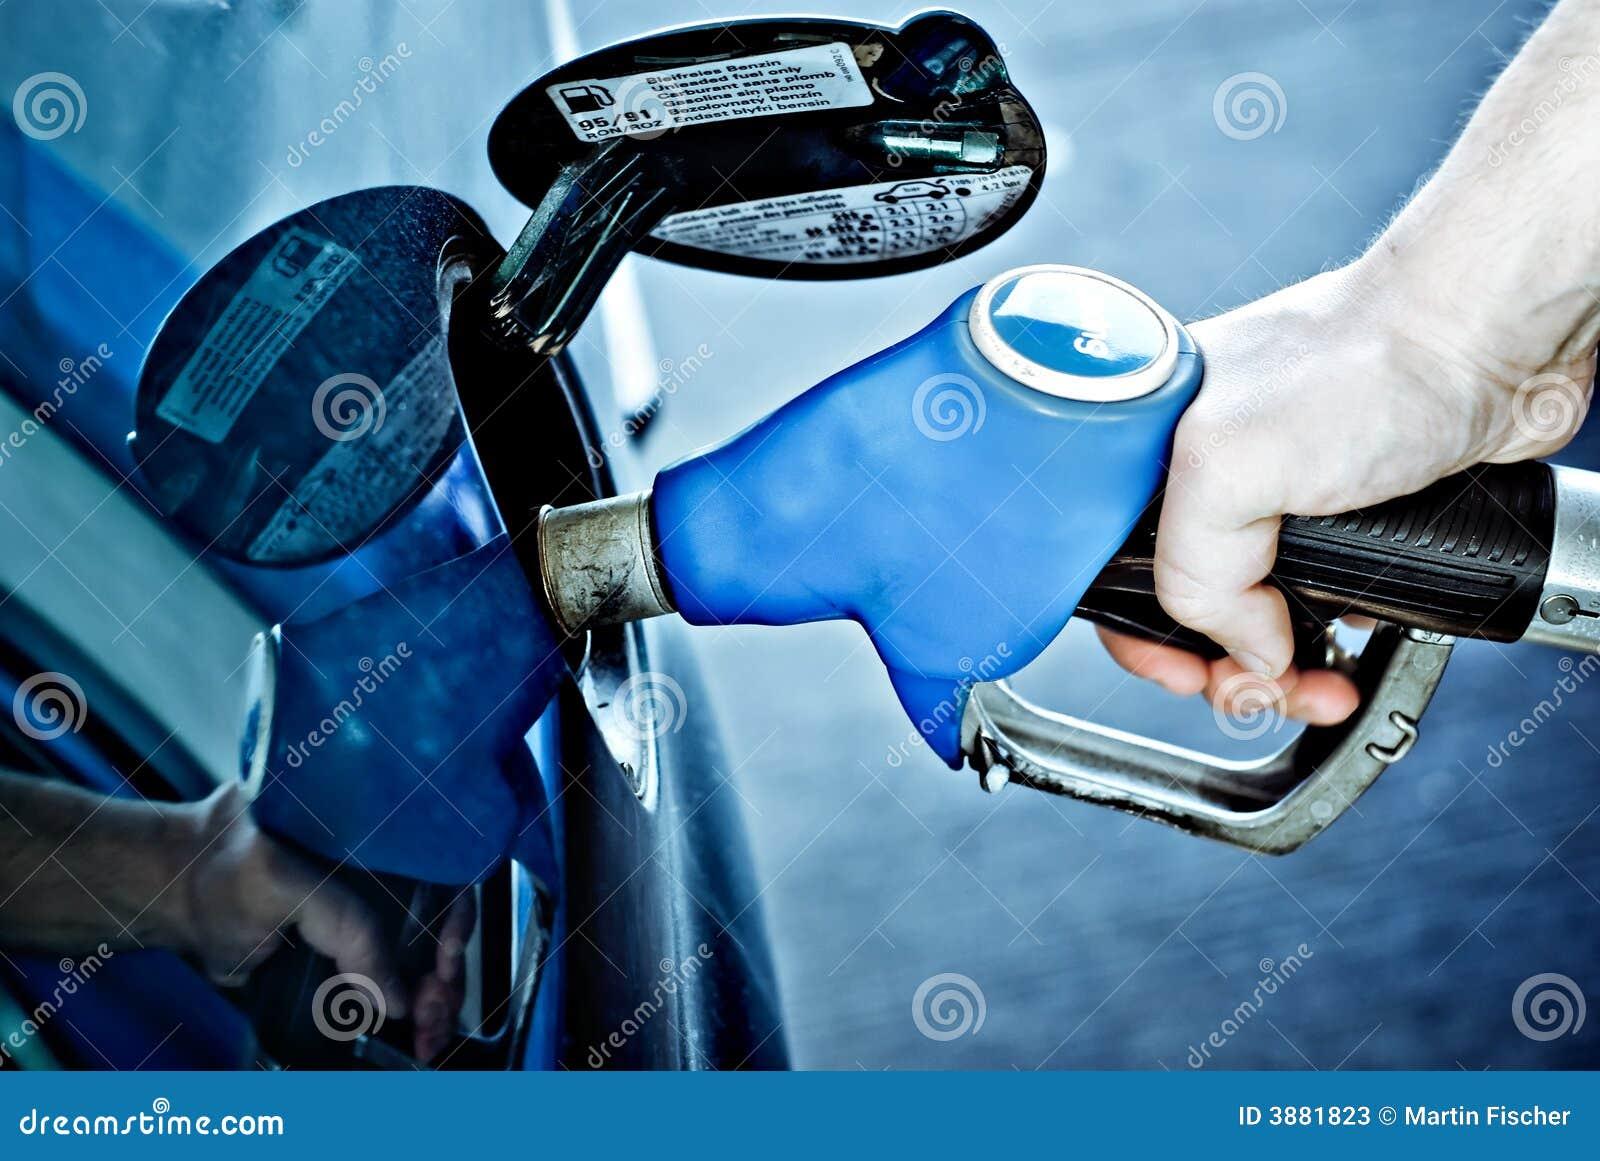 Reaprovisionamiento de un coche de combustible